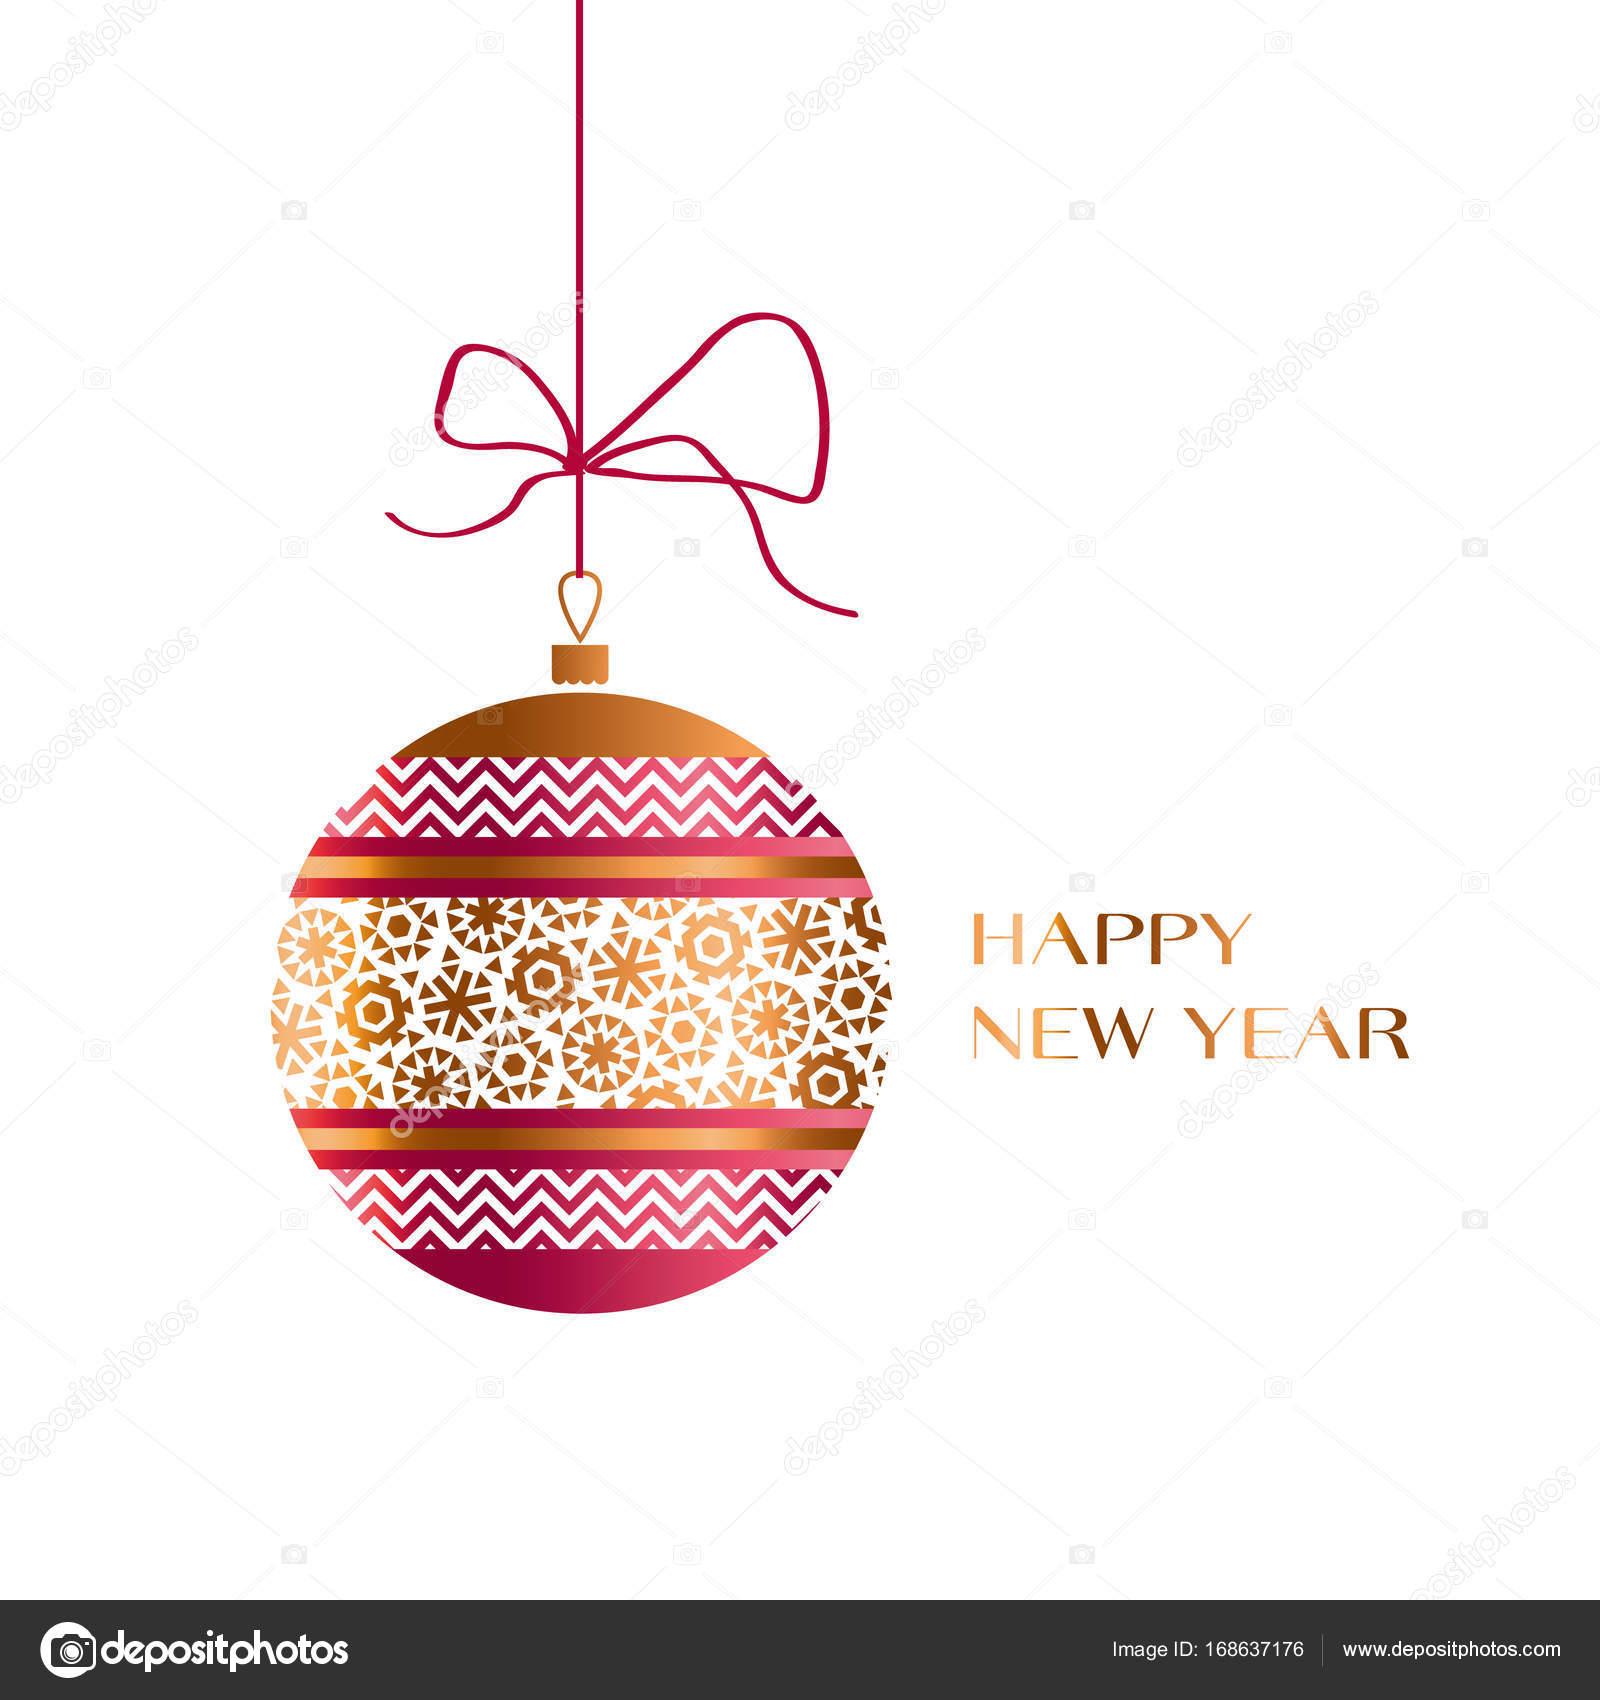 Xmas Glaskugel in Farben rot und gold. Weihnachten verziert ...